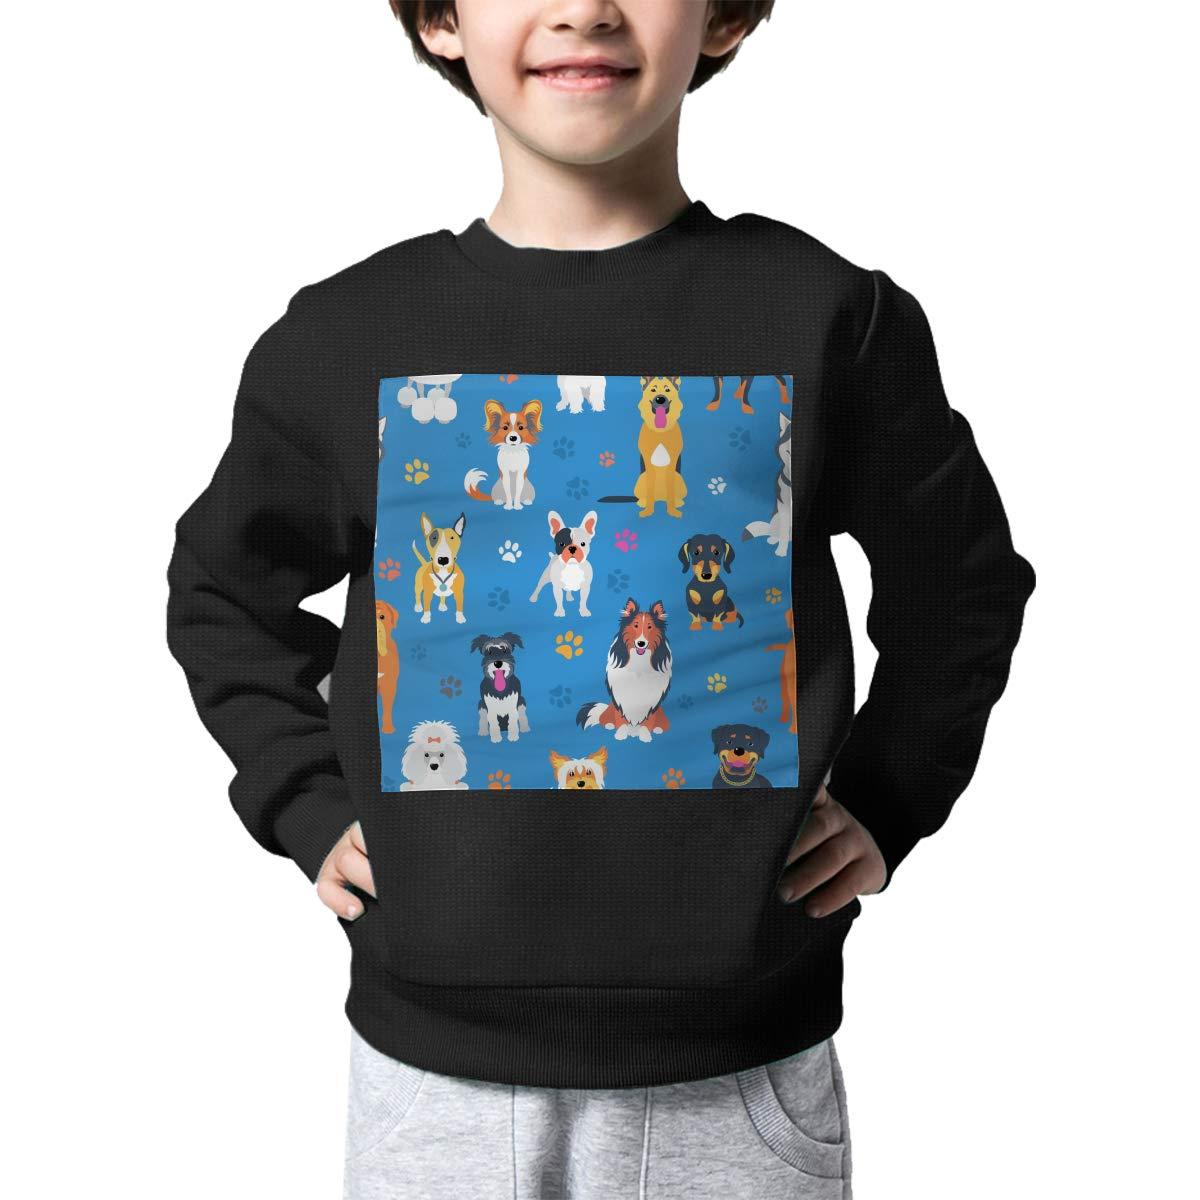 NJKM5MJ Boys Girls Dogs Pattern Lovely Sweaters Soft Warm Unisex Children Kids Sweater